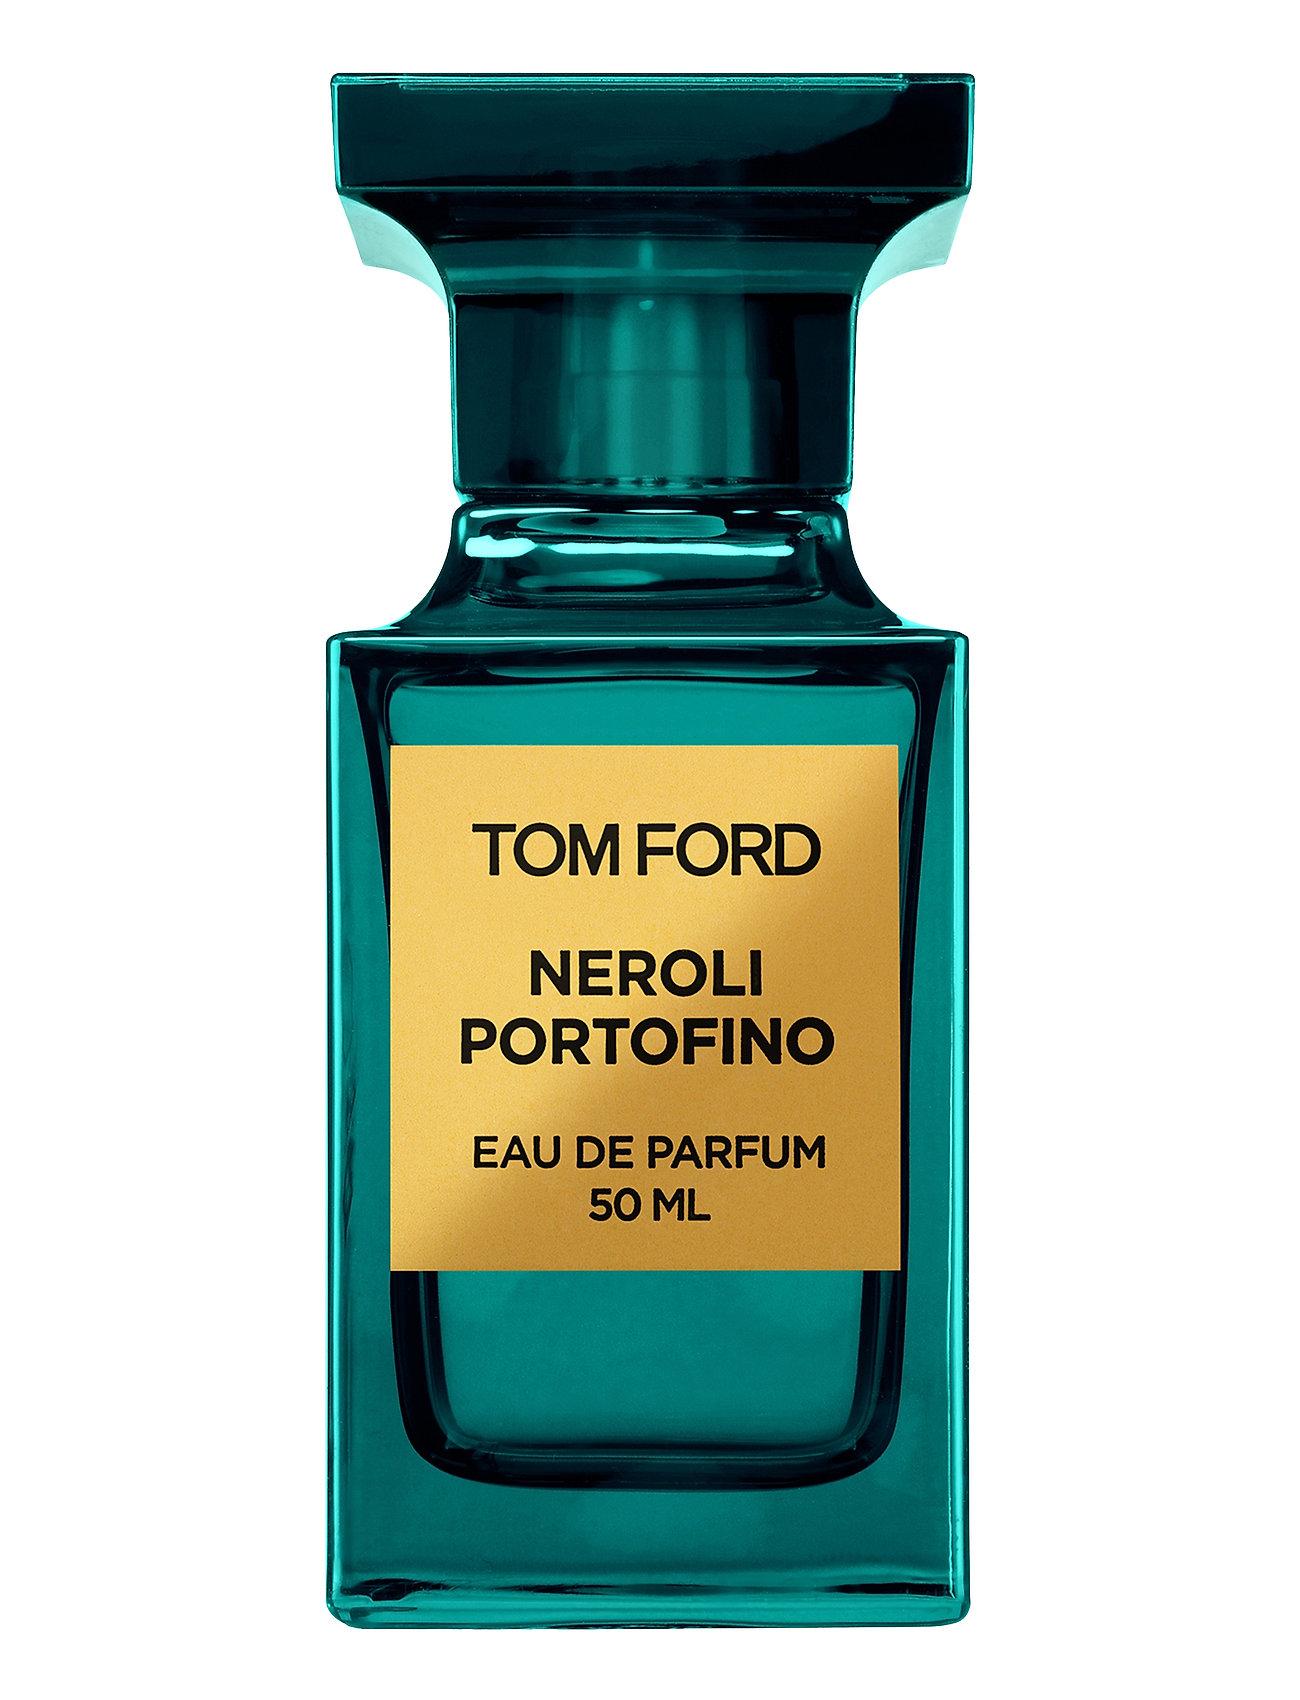 tom ford Neroli portofino eau de parfum på boozt.com dk